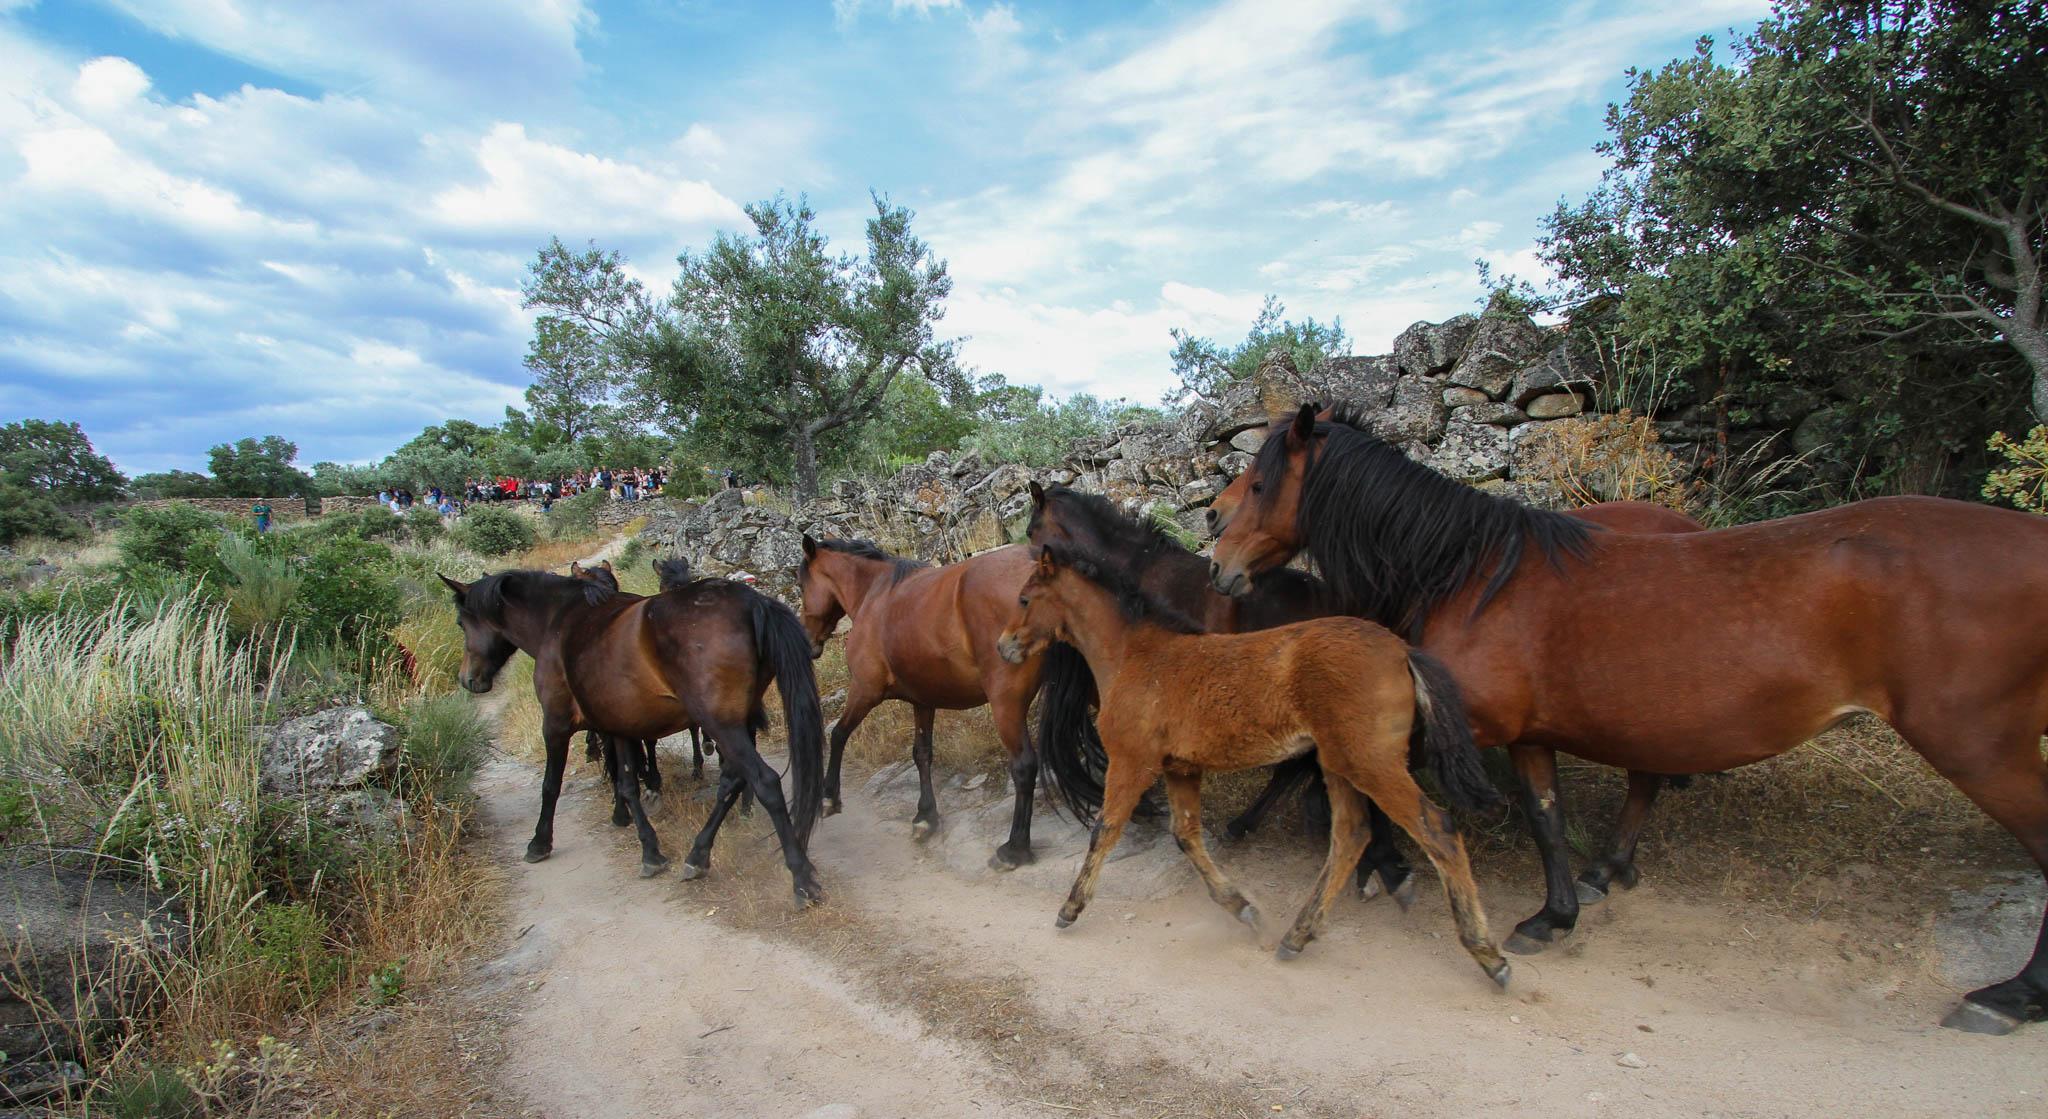 Release of semi-wild Garrano horses in the Faia Brava reserve, Portugal